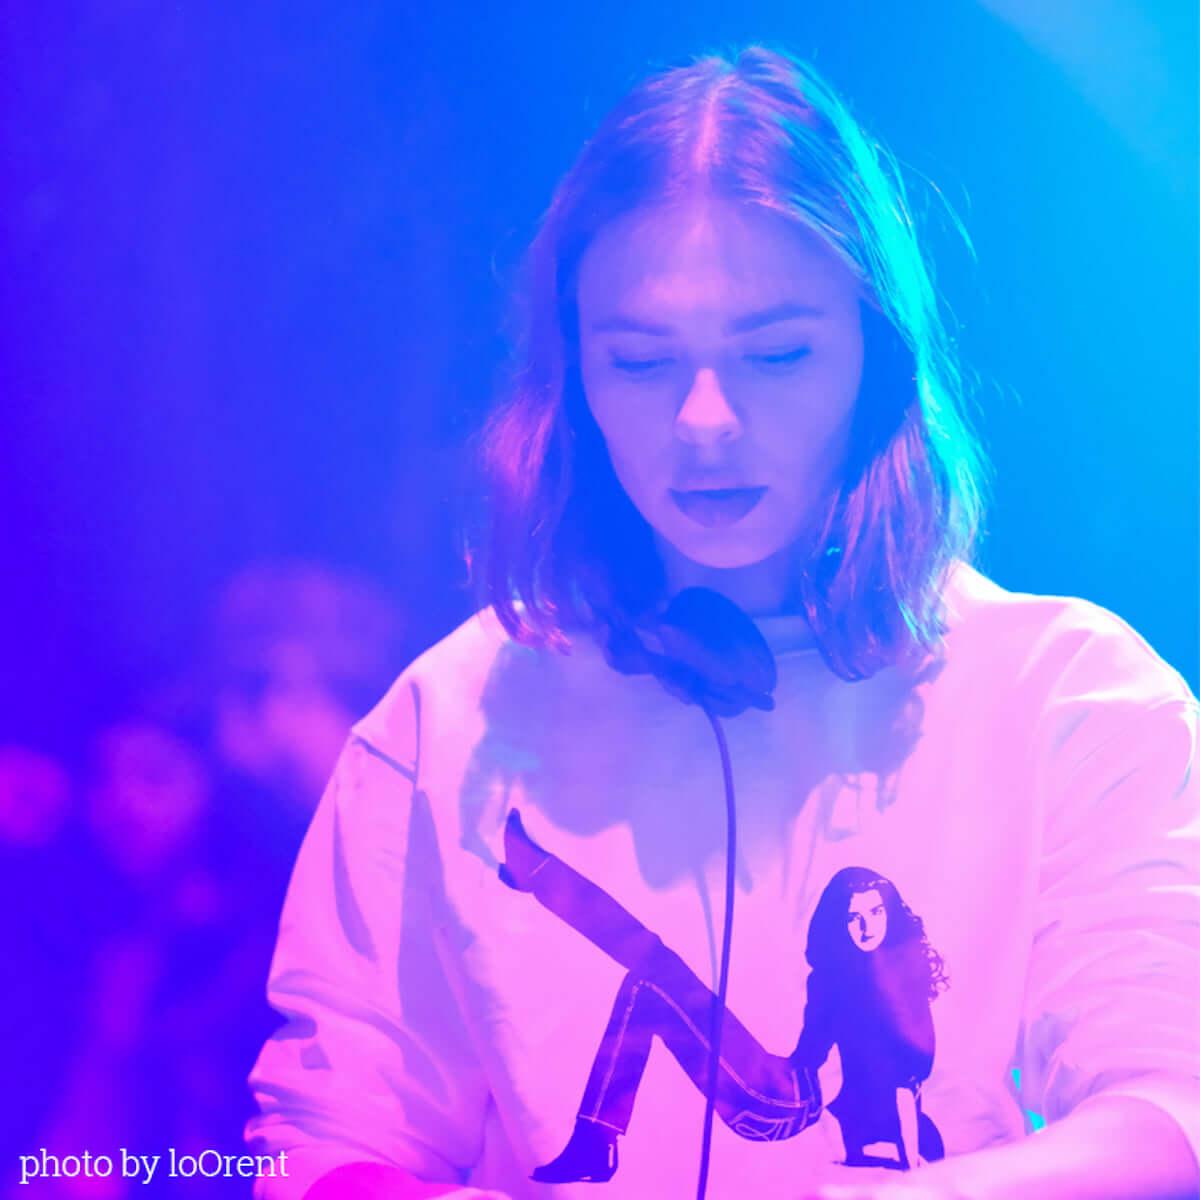 2019年最初のトリップを誘発。Nina Kravizが渋谷・Contactのニューイヤーパーティに登場 music190105-nina-kraviz-contact-new-years-party-2019-1-1200x1200